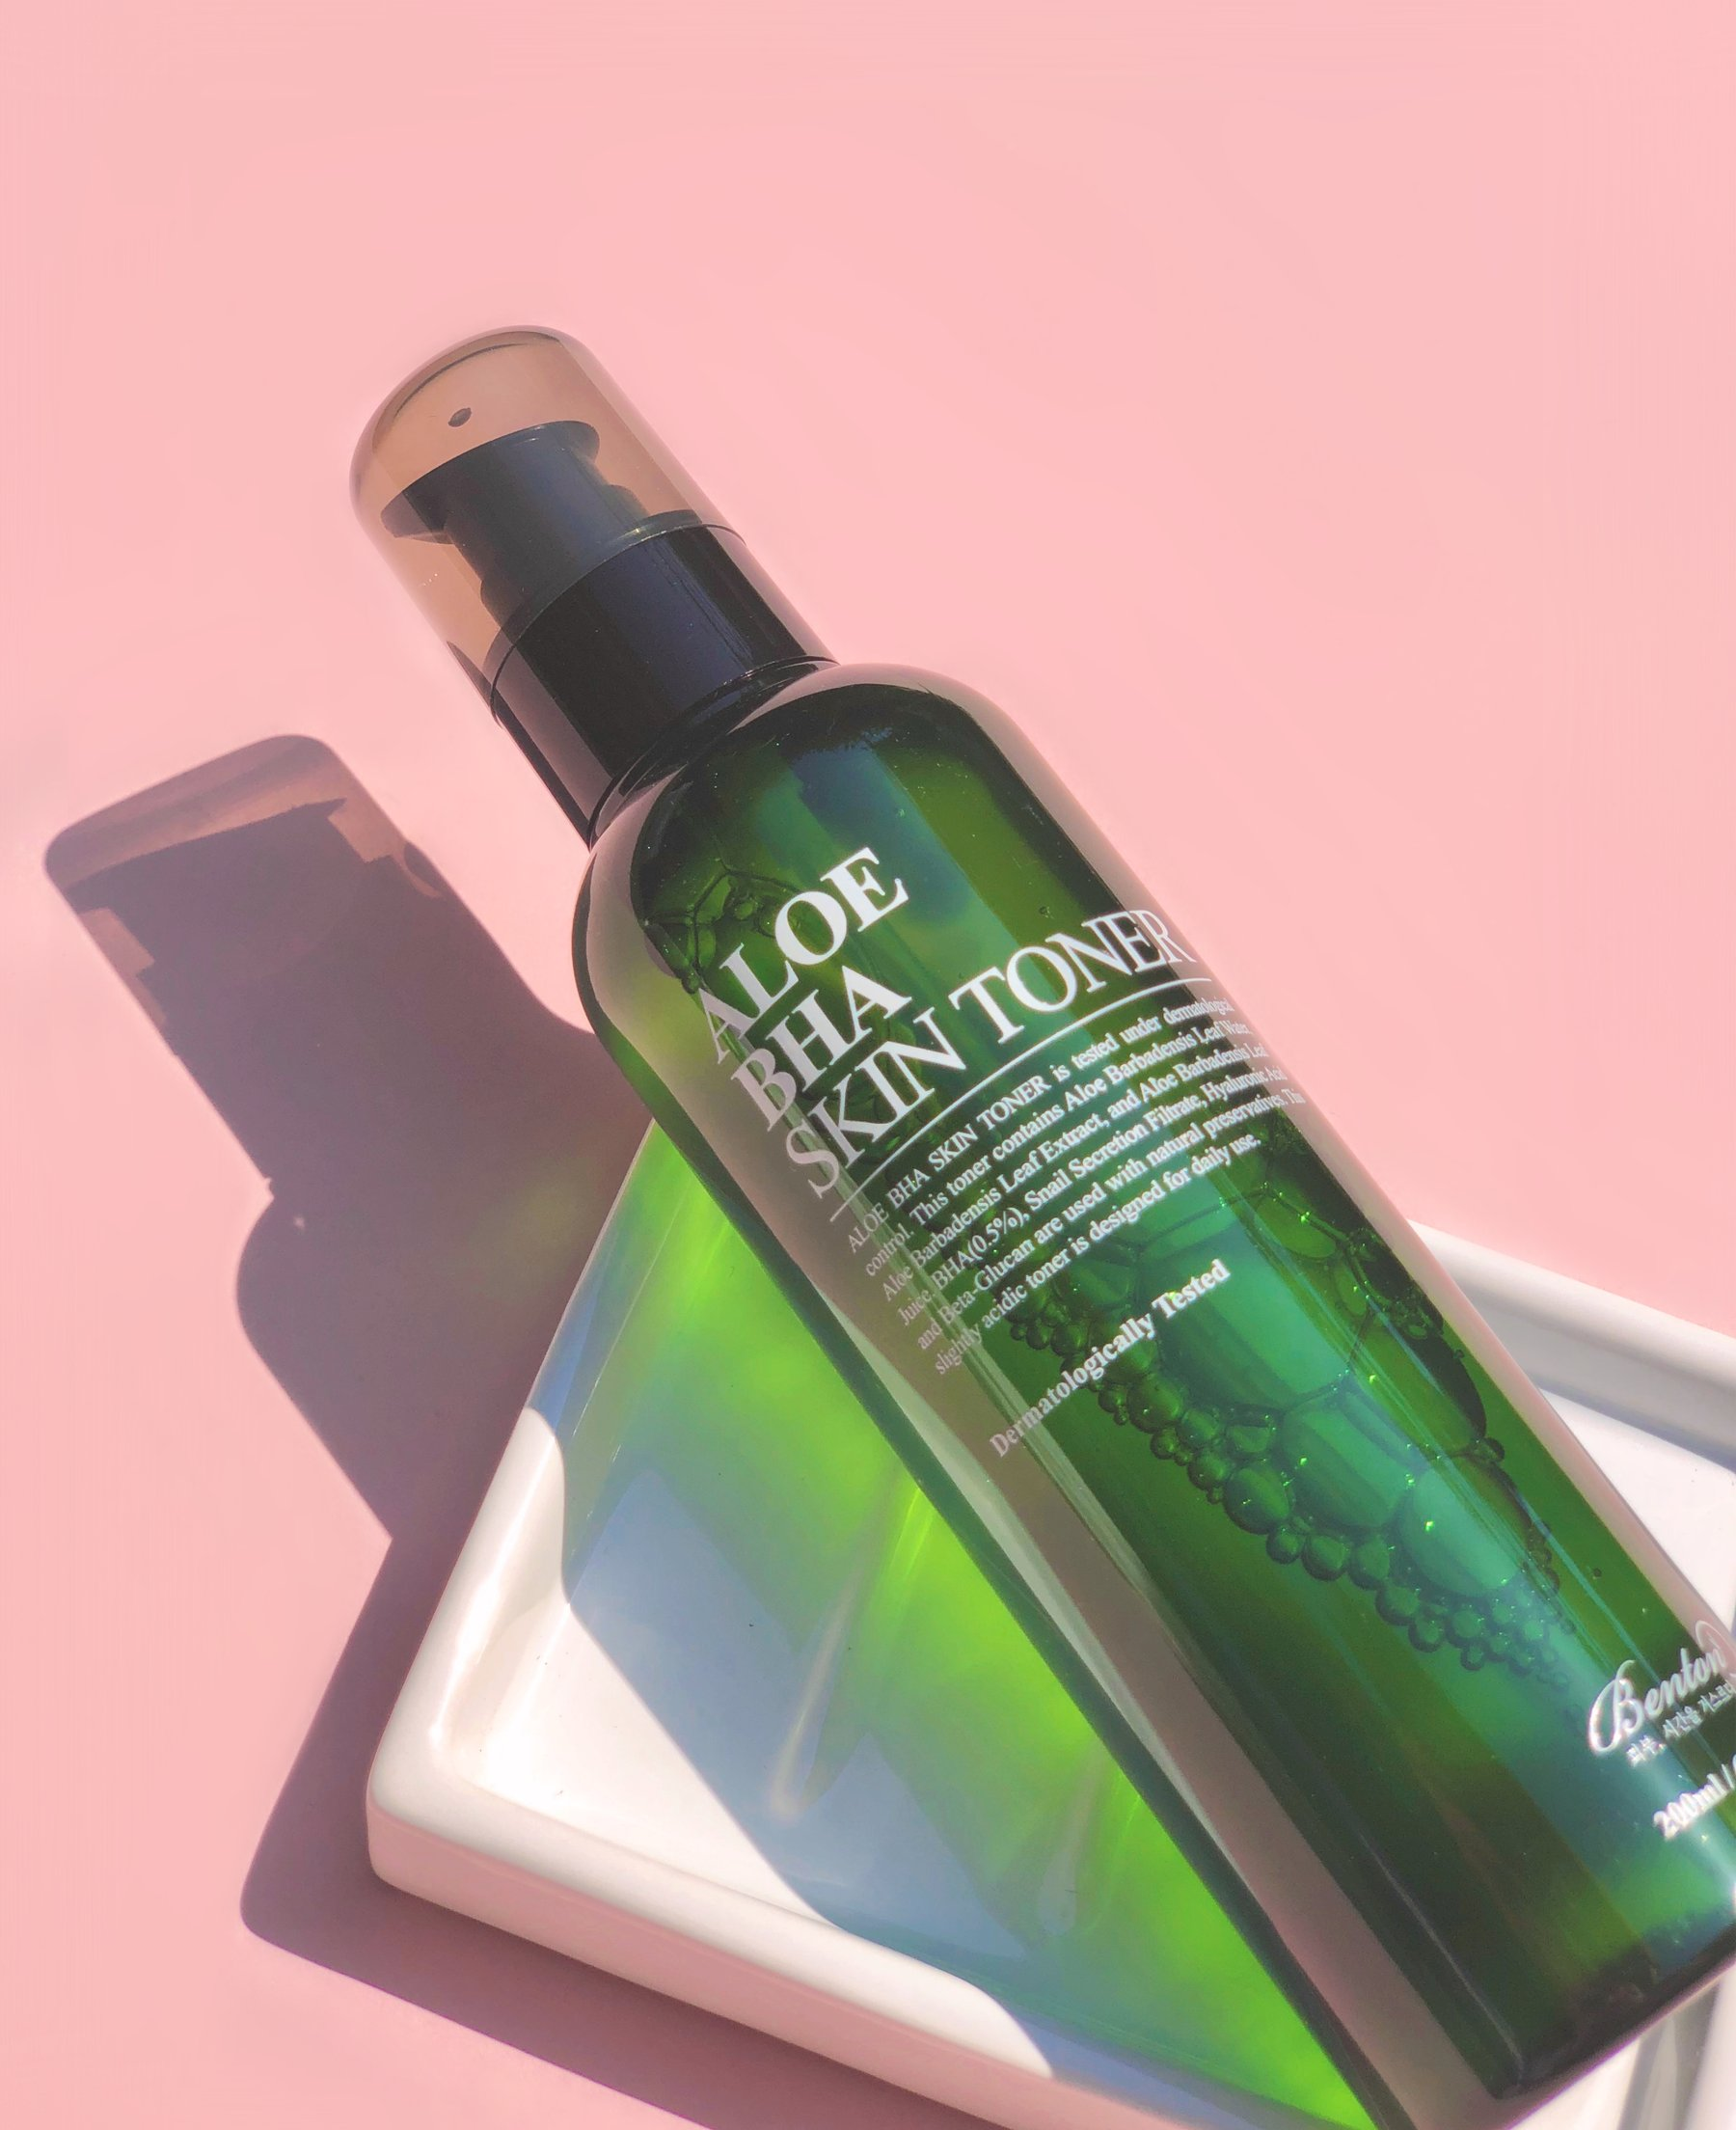 Muốn da láng mịn, đẩy lùi nếp nhăn bạn phải bổ sung ngay sản phẩm này vào chu trình dưỡng da - Ảnh 4.